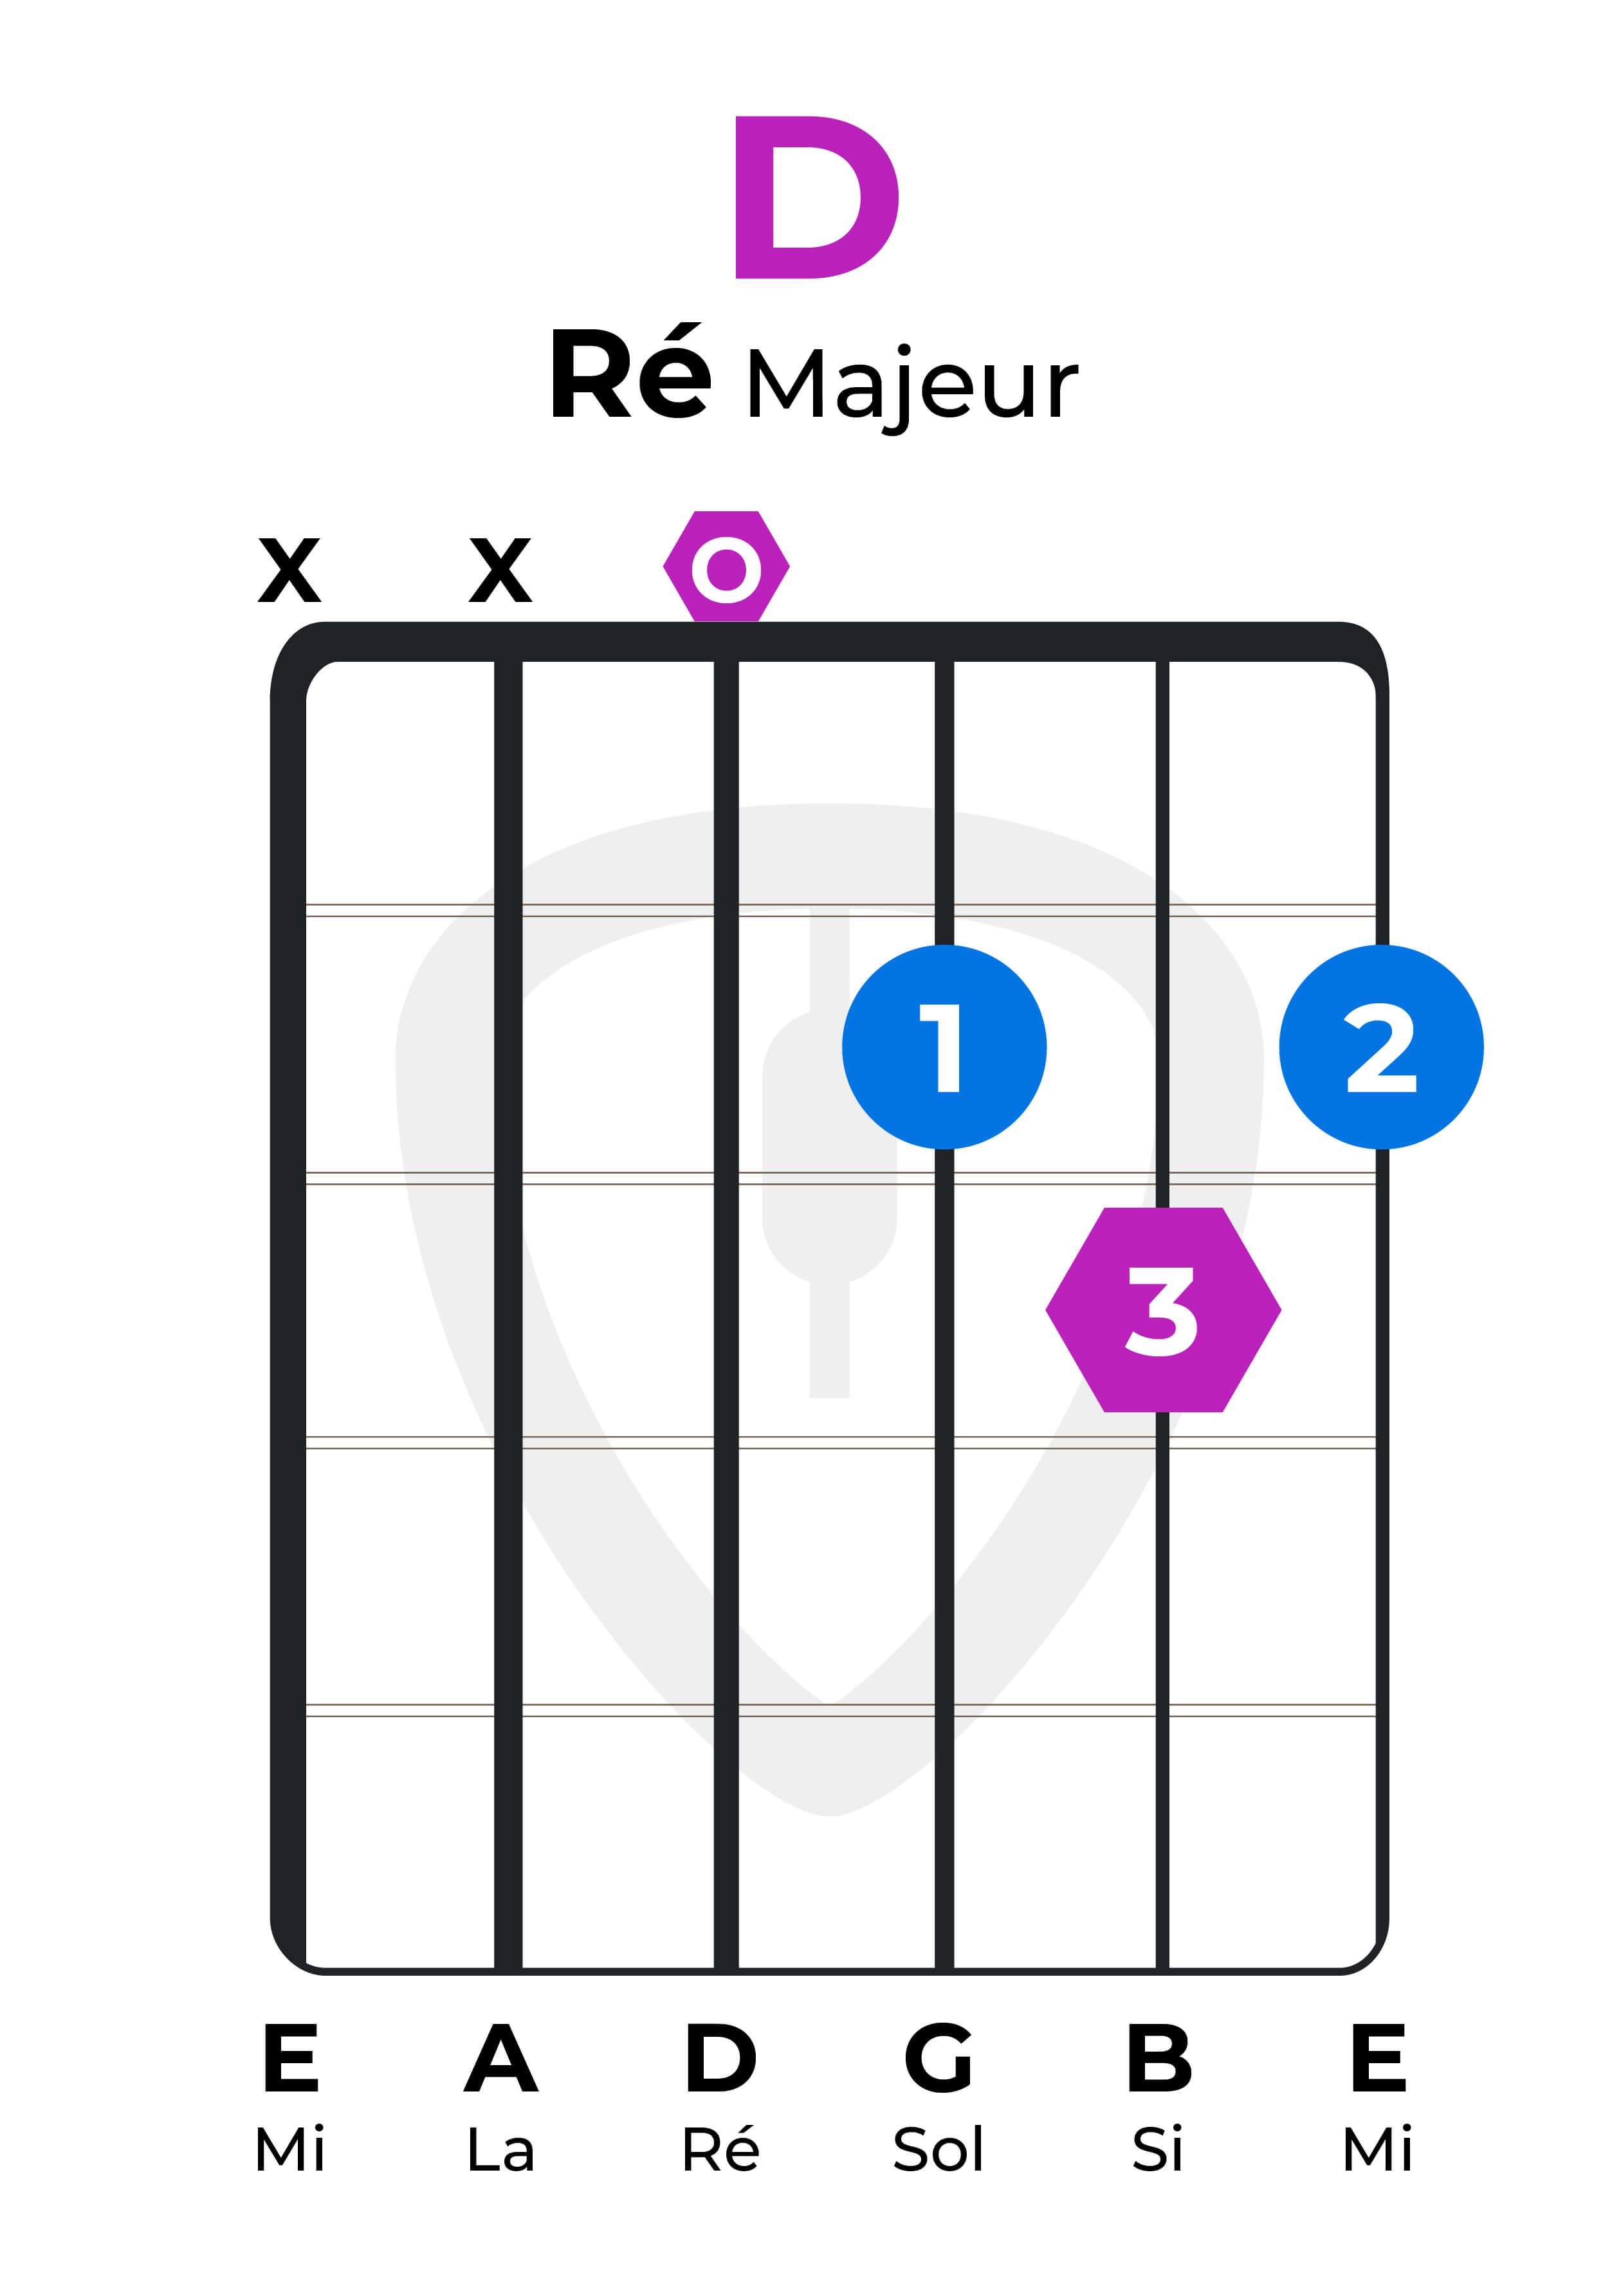 dictionnaire accords guitare Ré majeur D